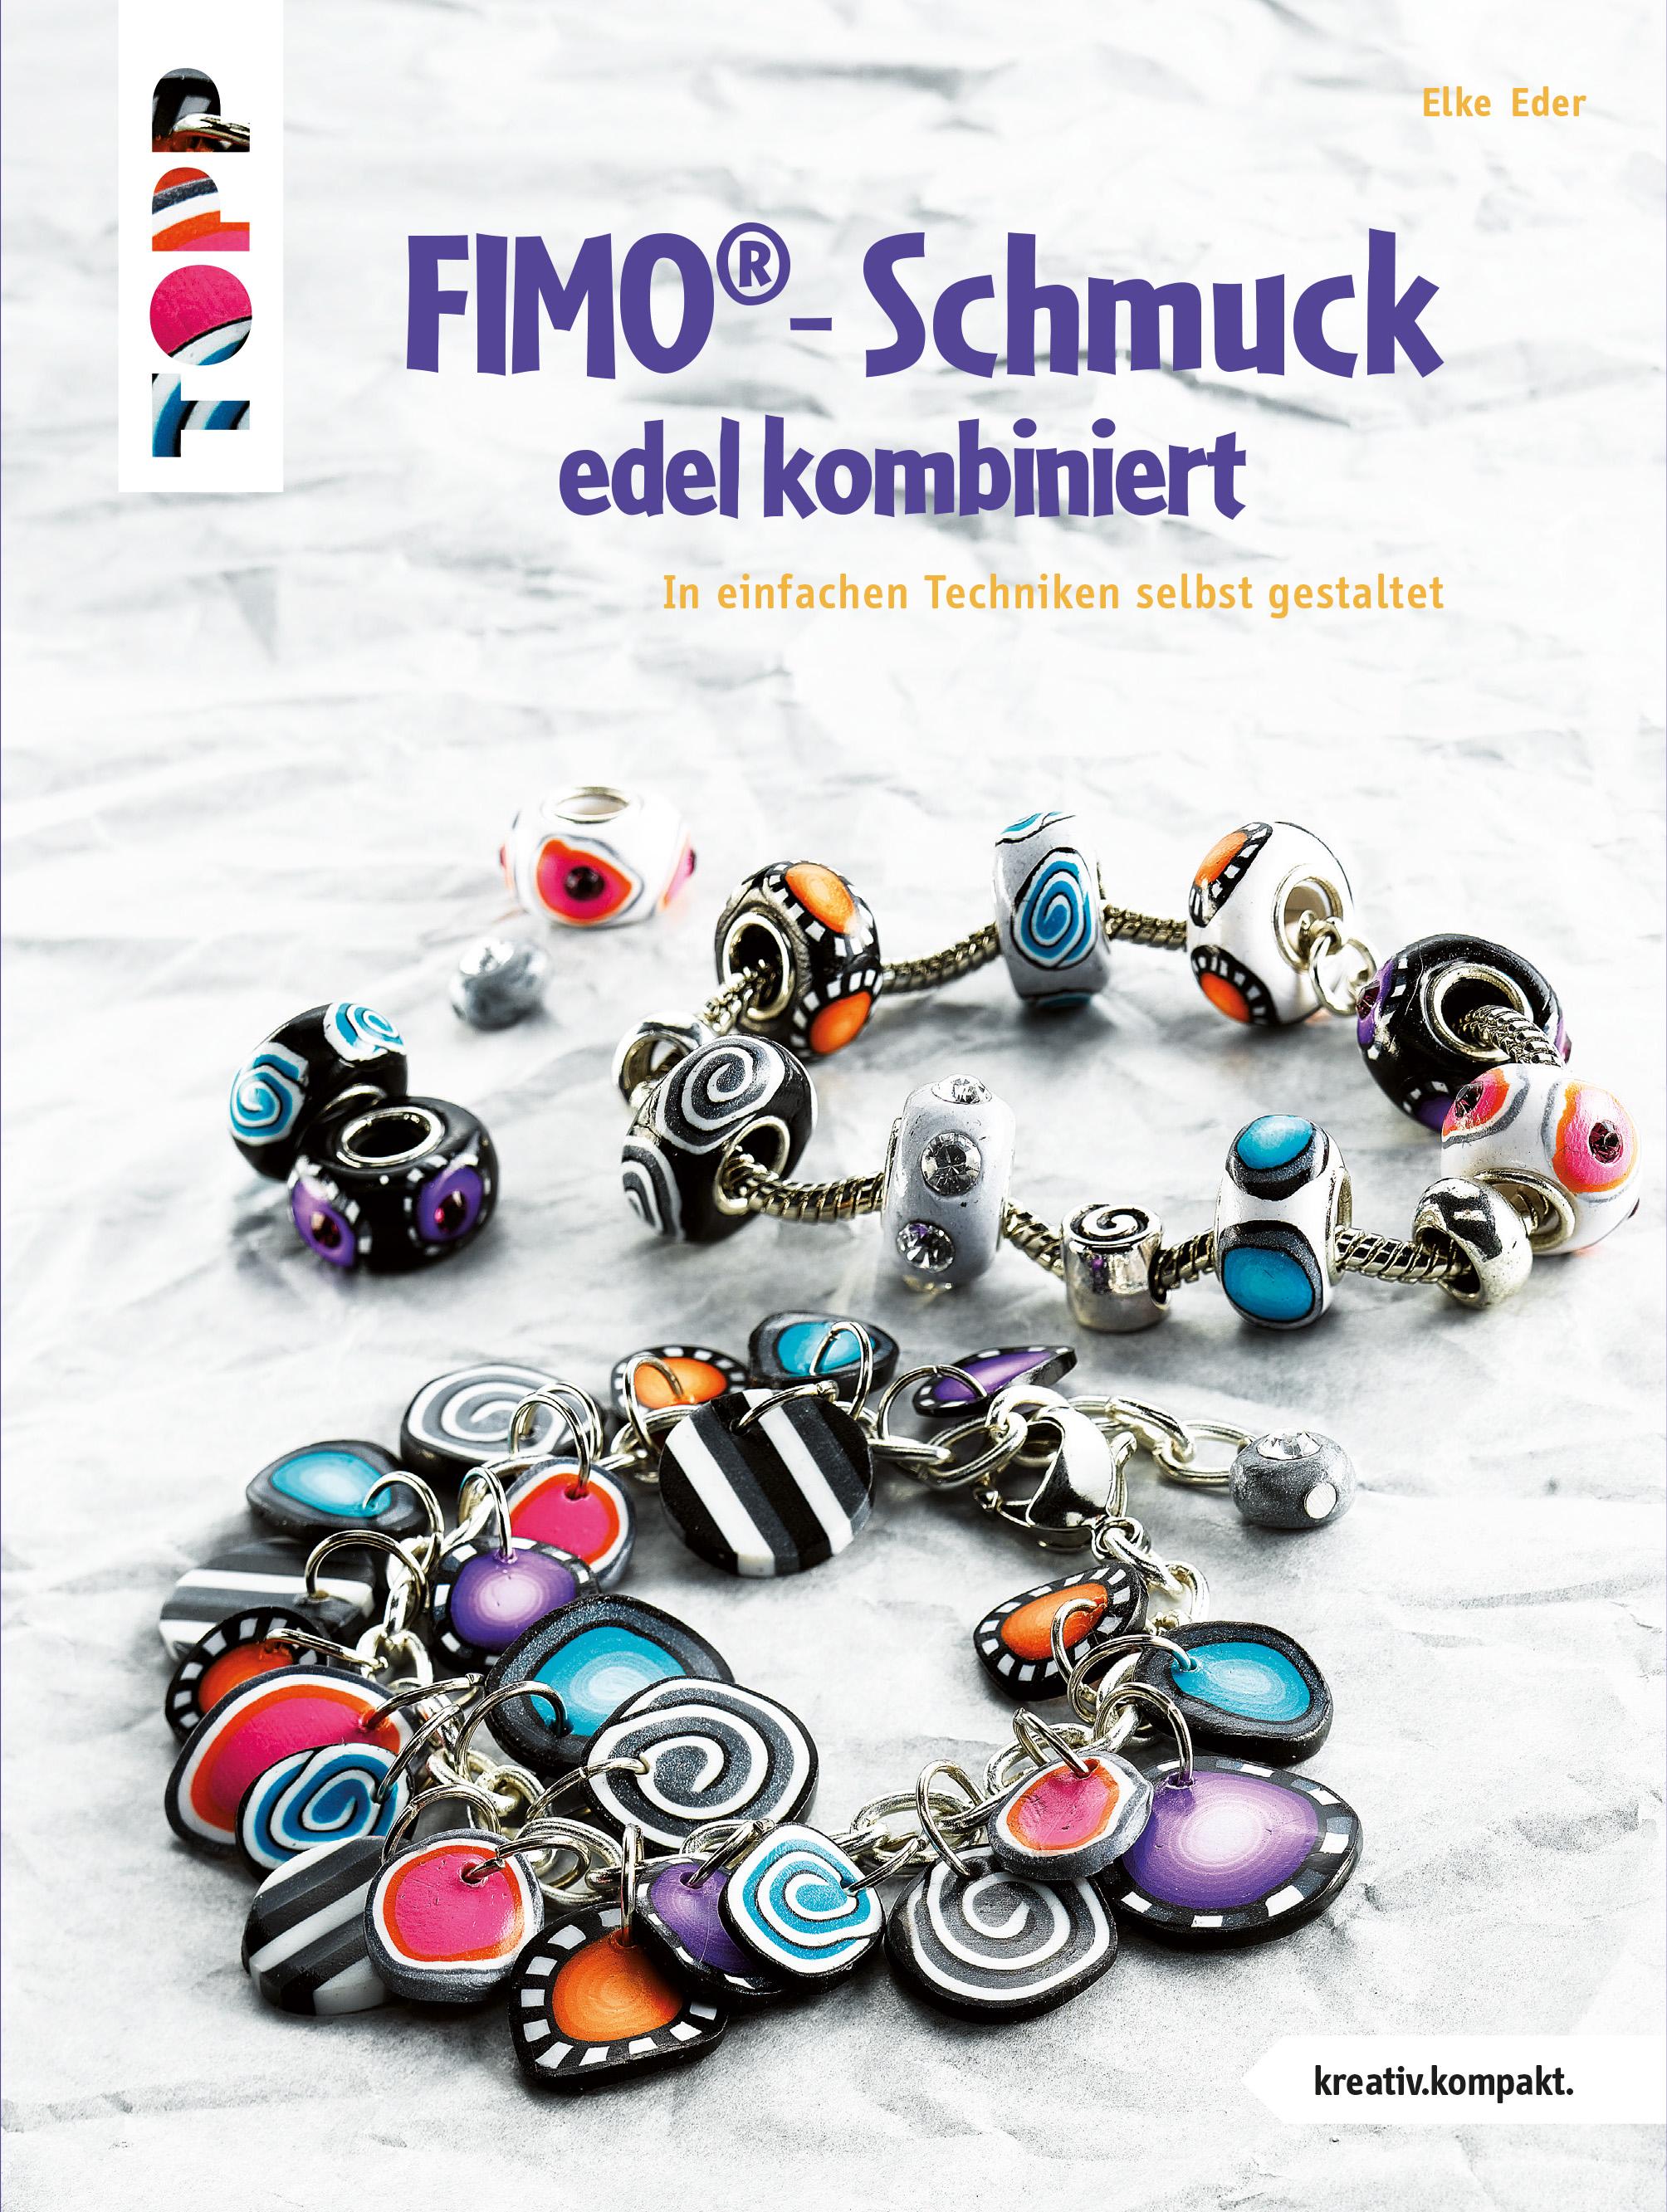 FIMO-Schmuck edel kombiniert Elke Eder 9783772449703